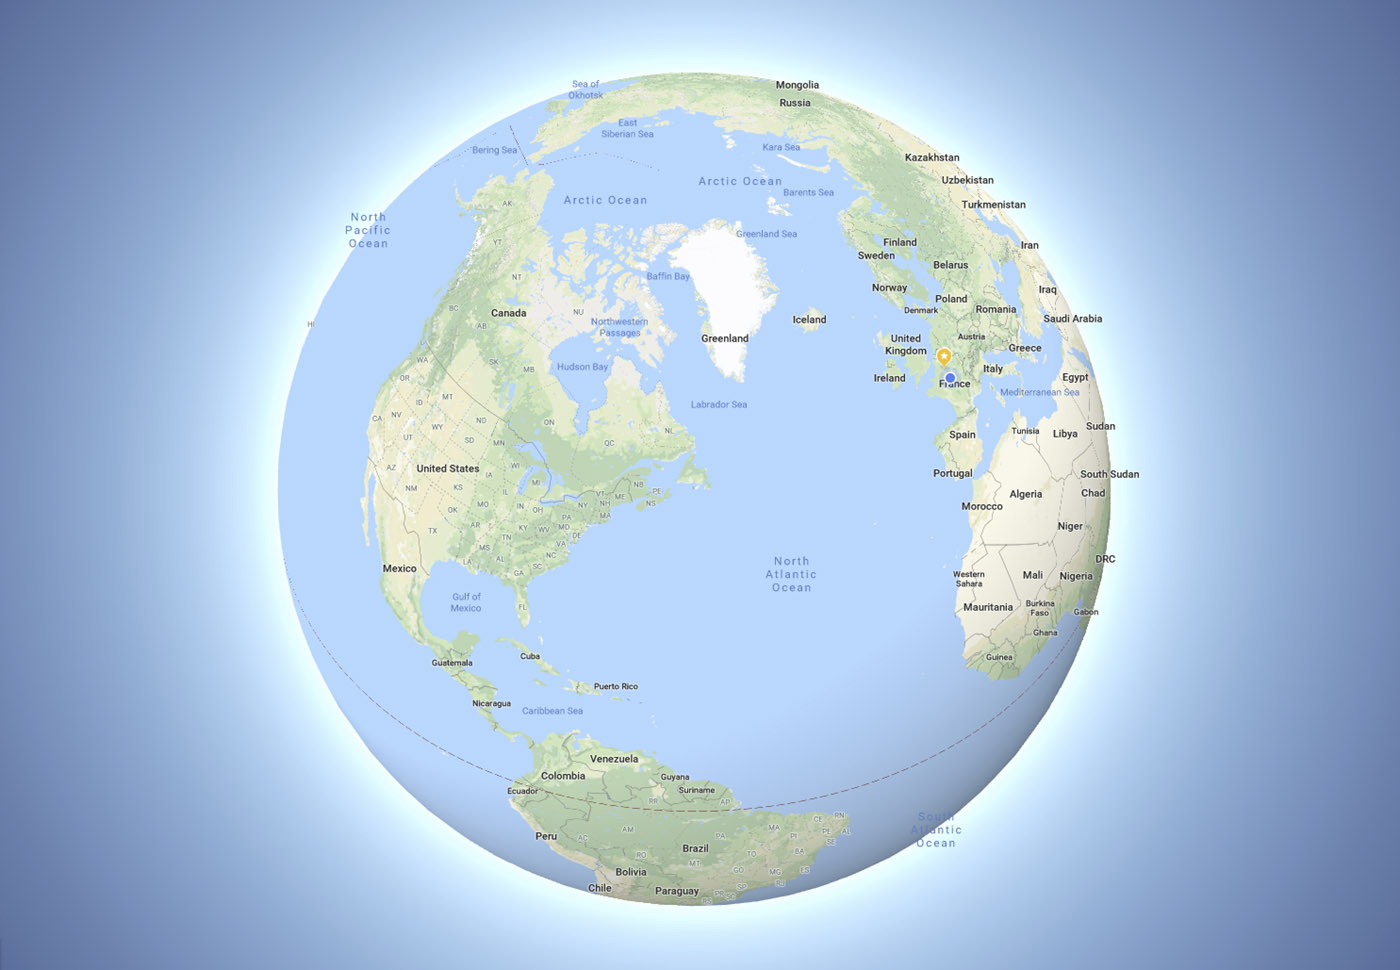 google-maps-globe-2018-03-08-01.jpg